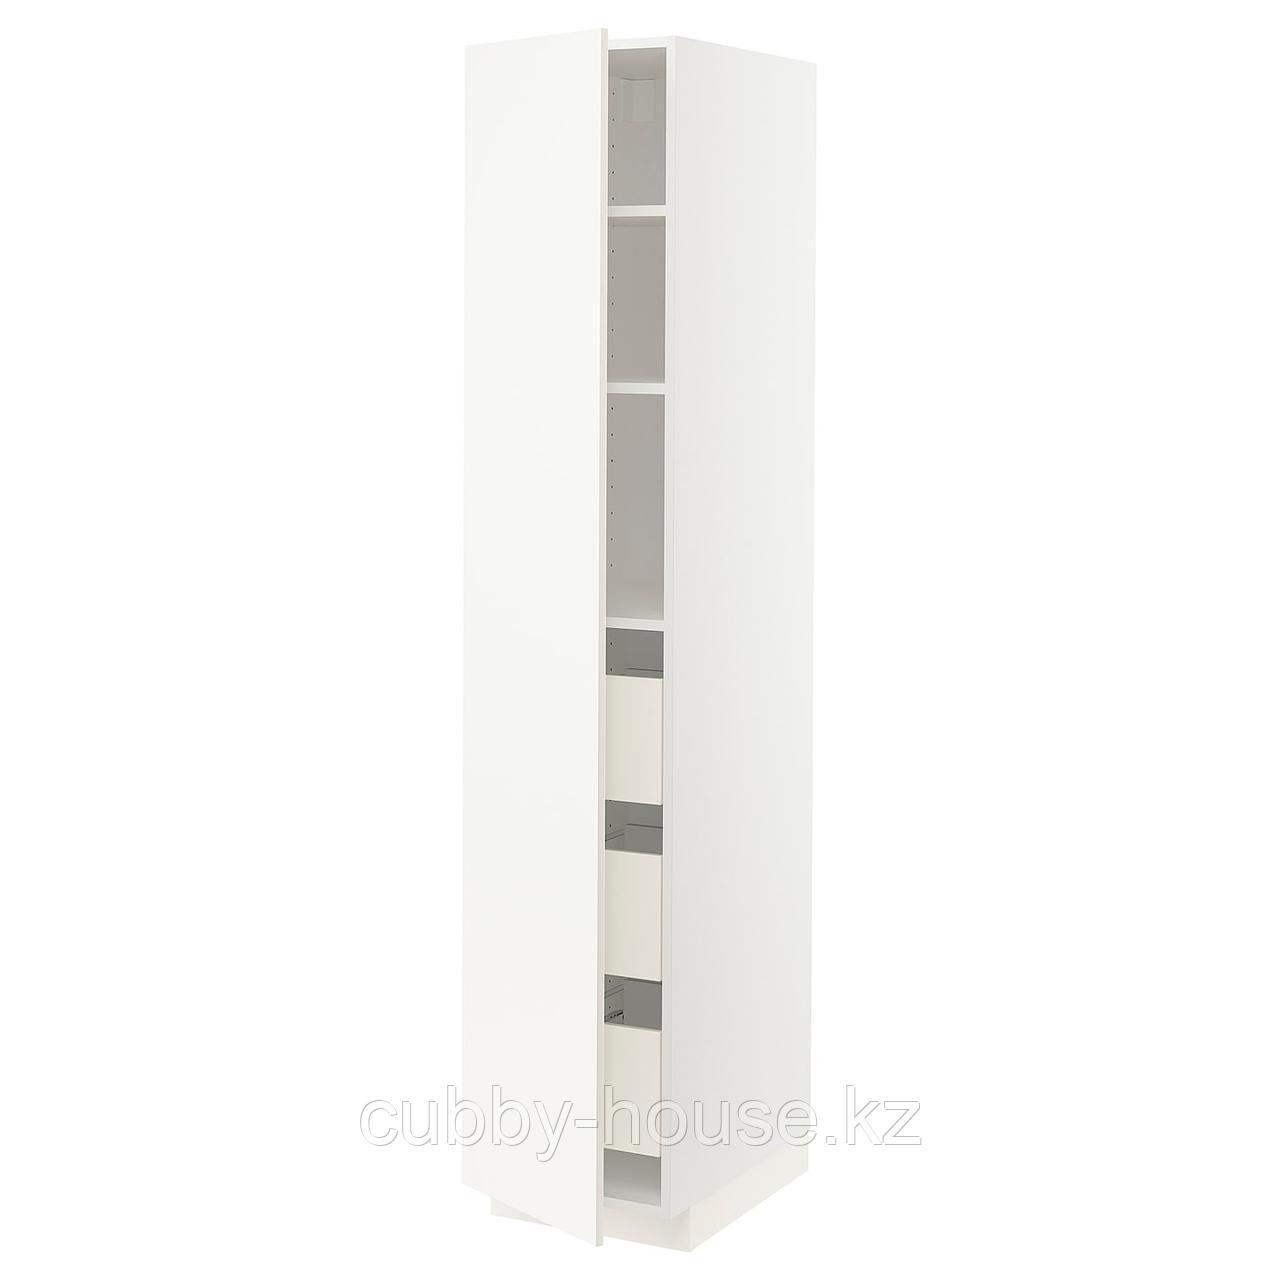 МЕТОД / ФОРВАРА Высокий шкаф с ящиками, белый, Веддинге белый, 40x60x200 см